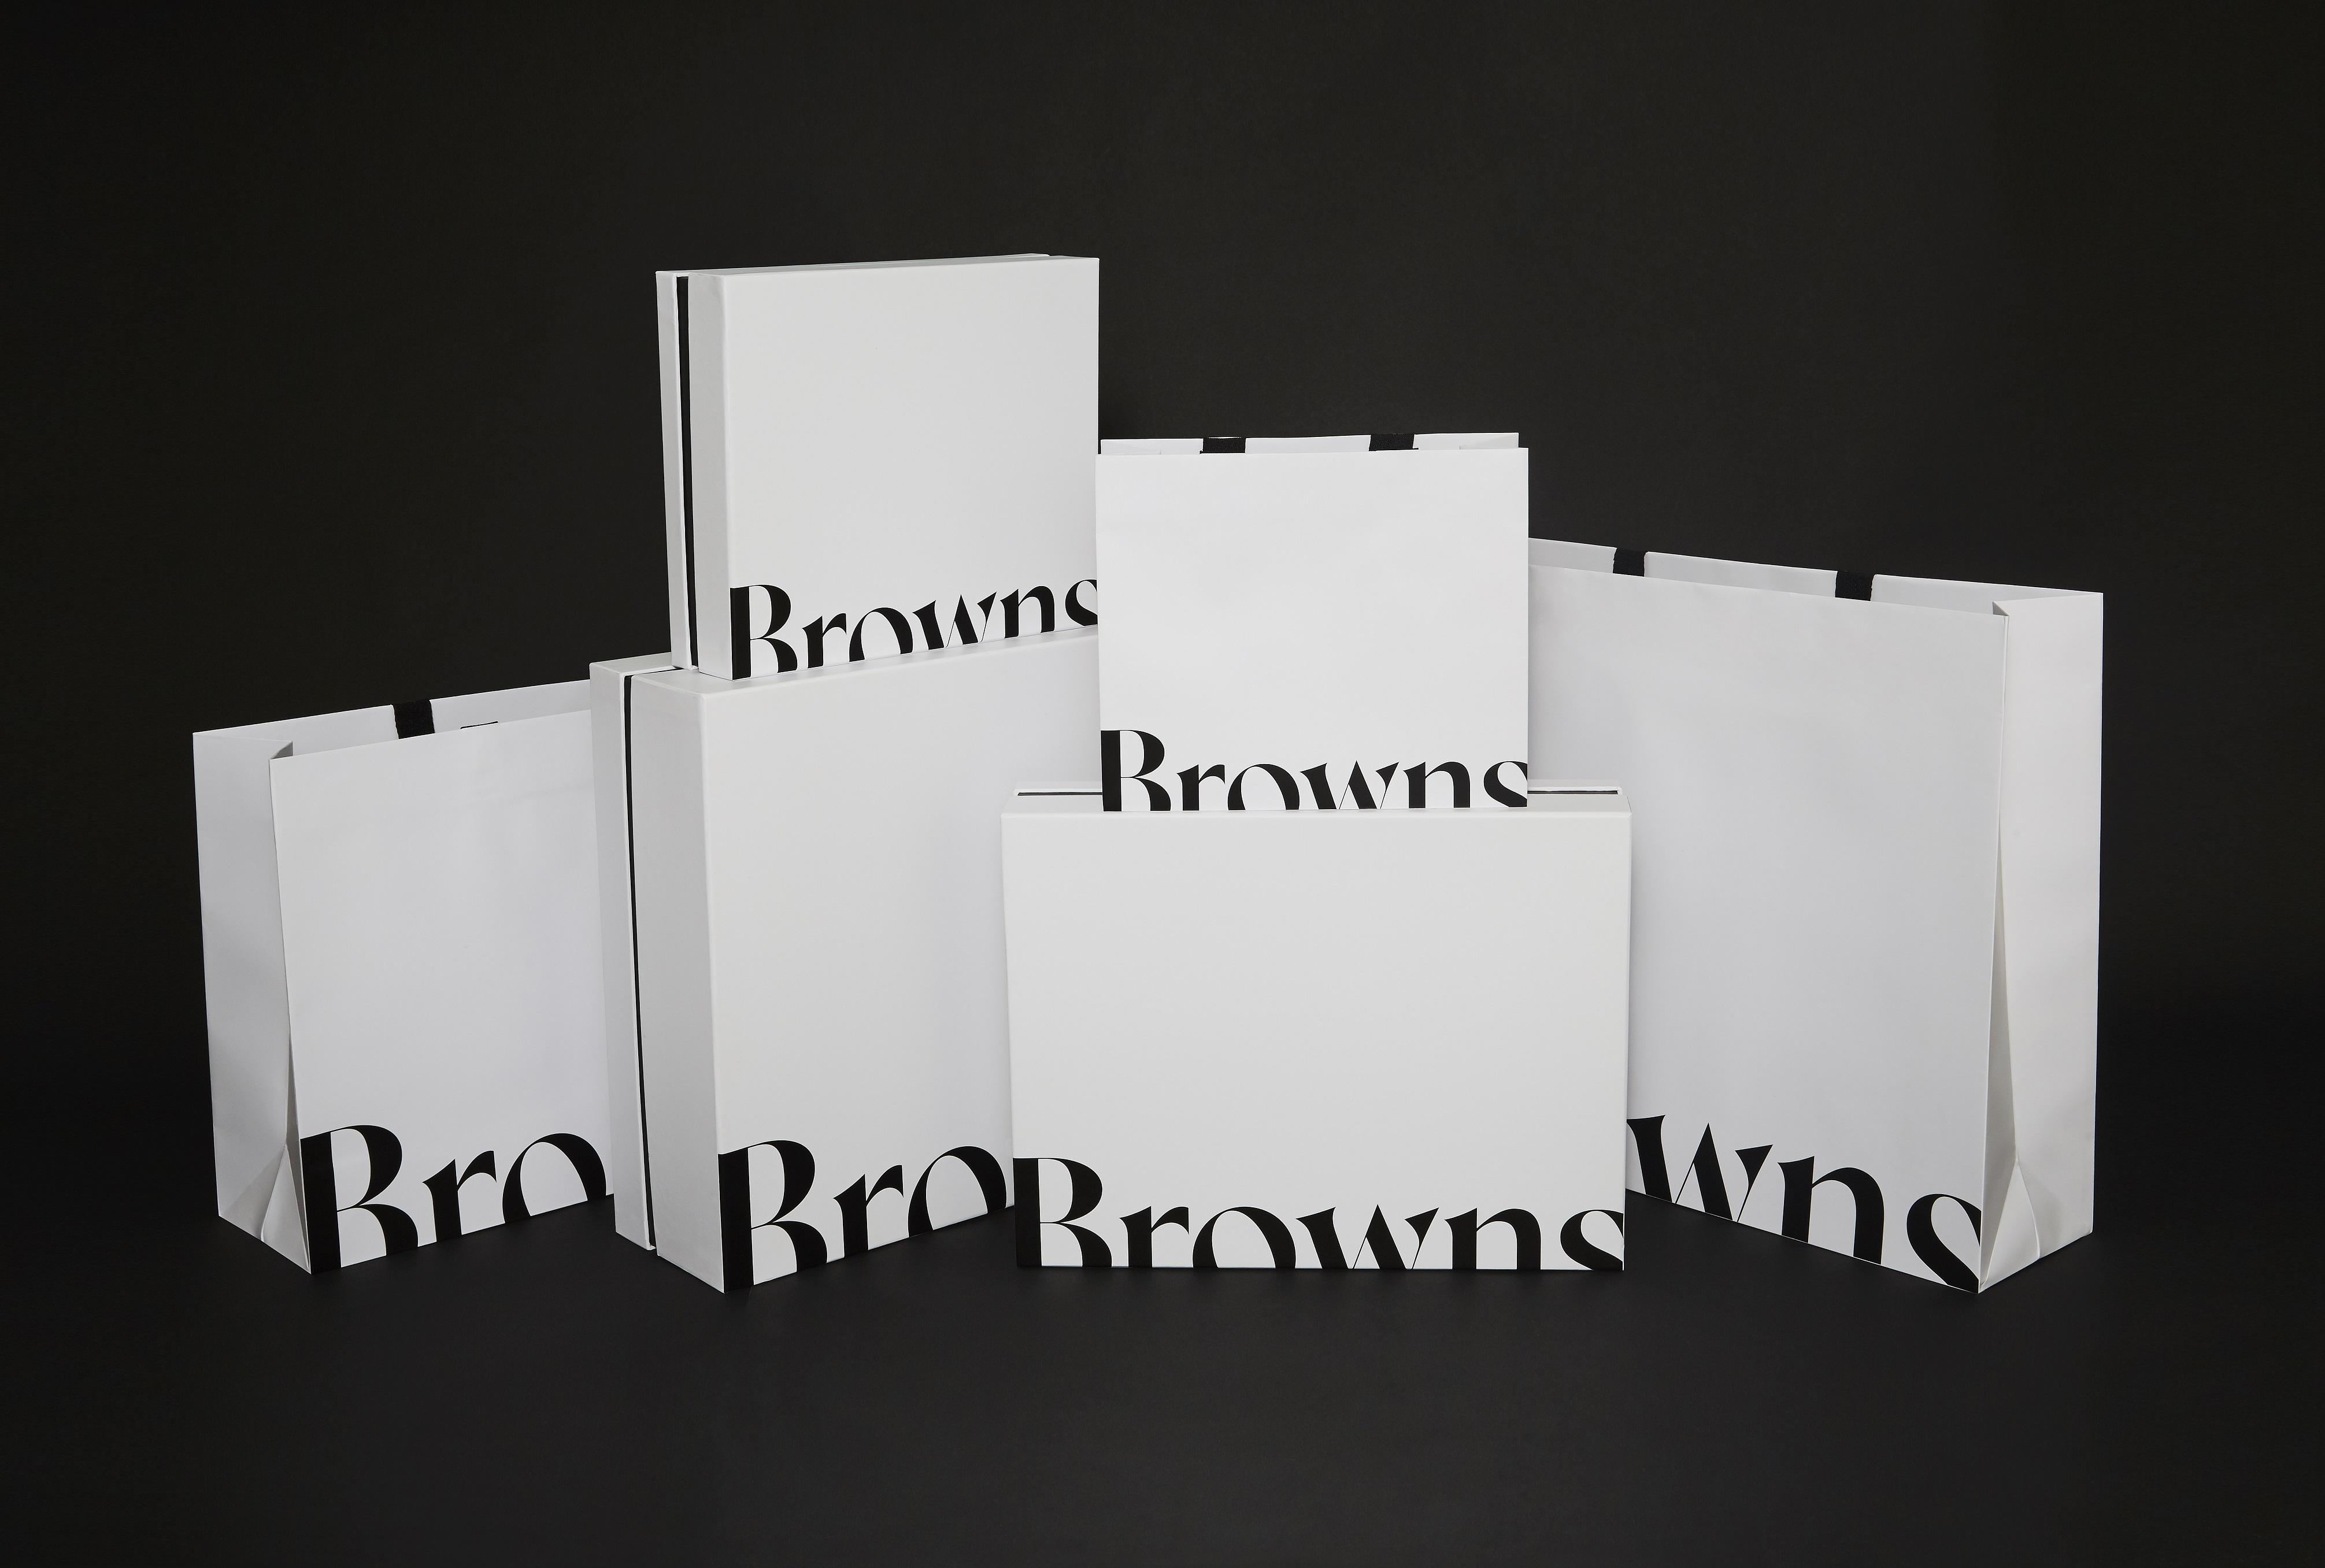 browns_embargo-14-11-10_set